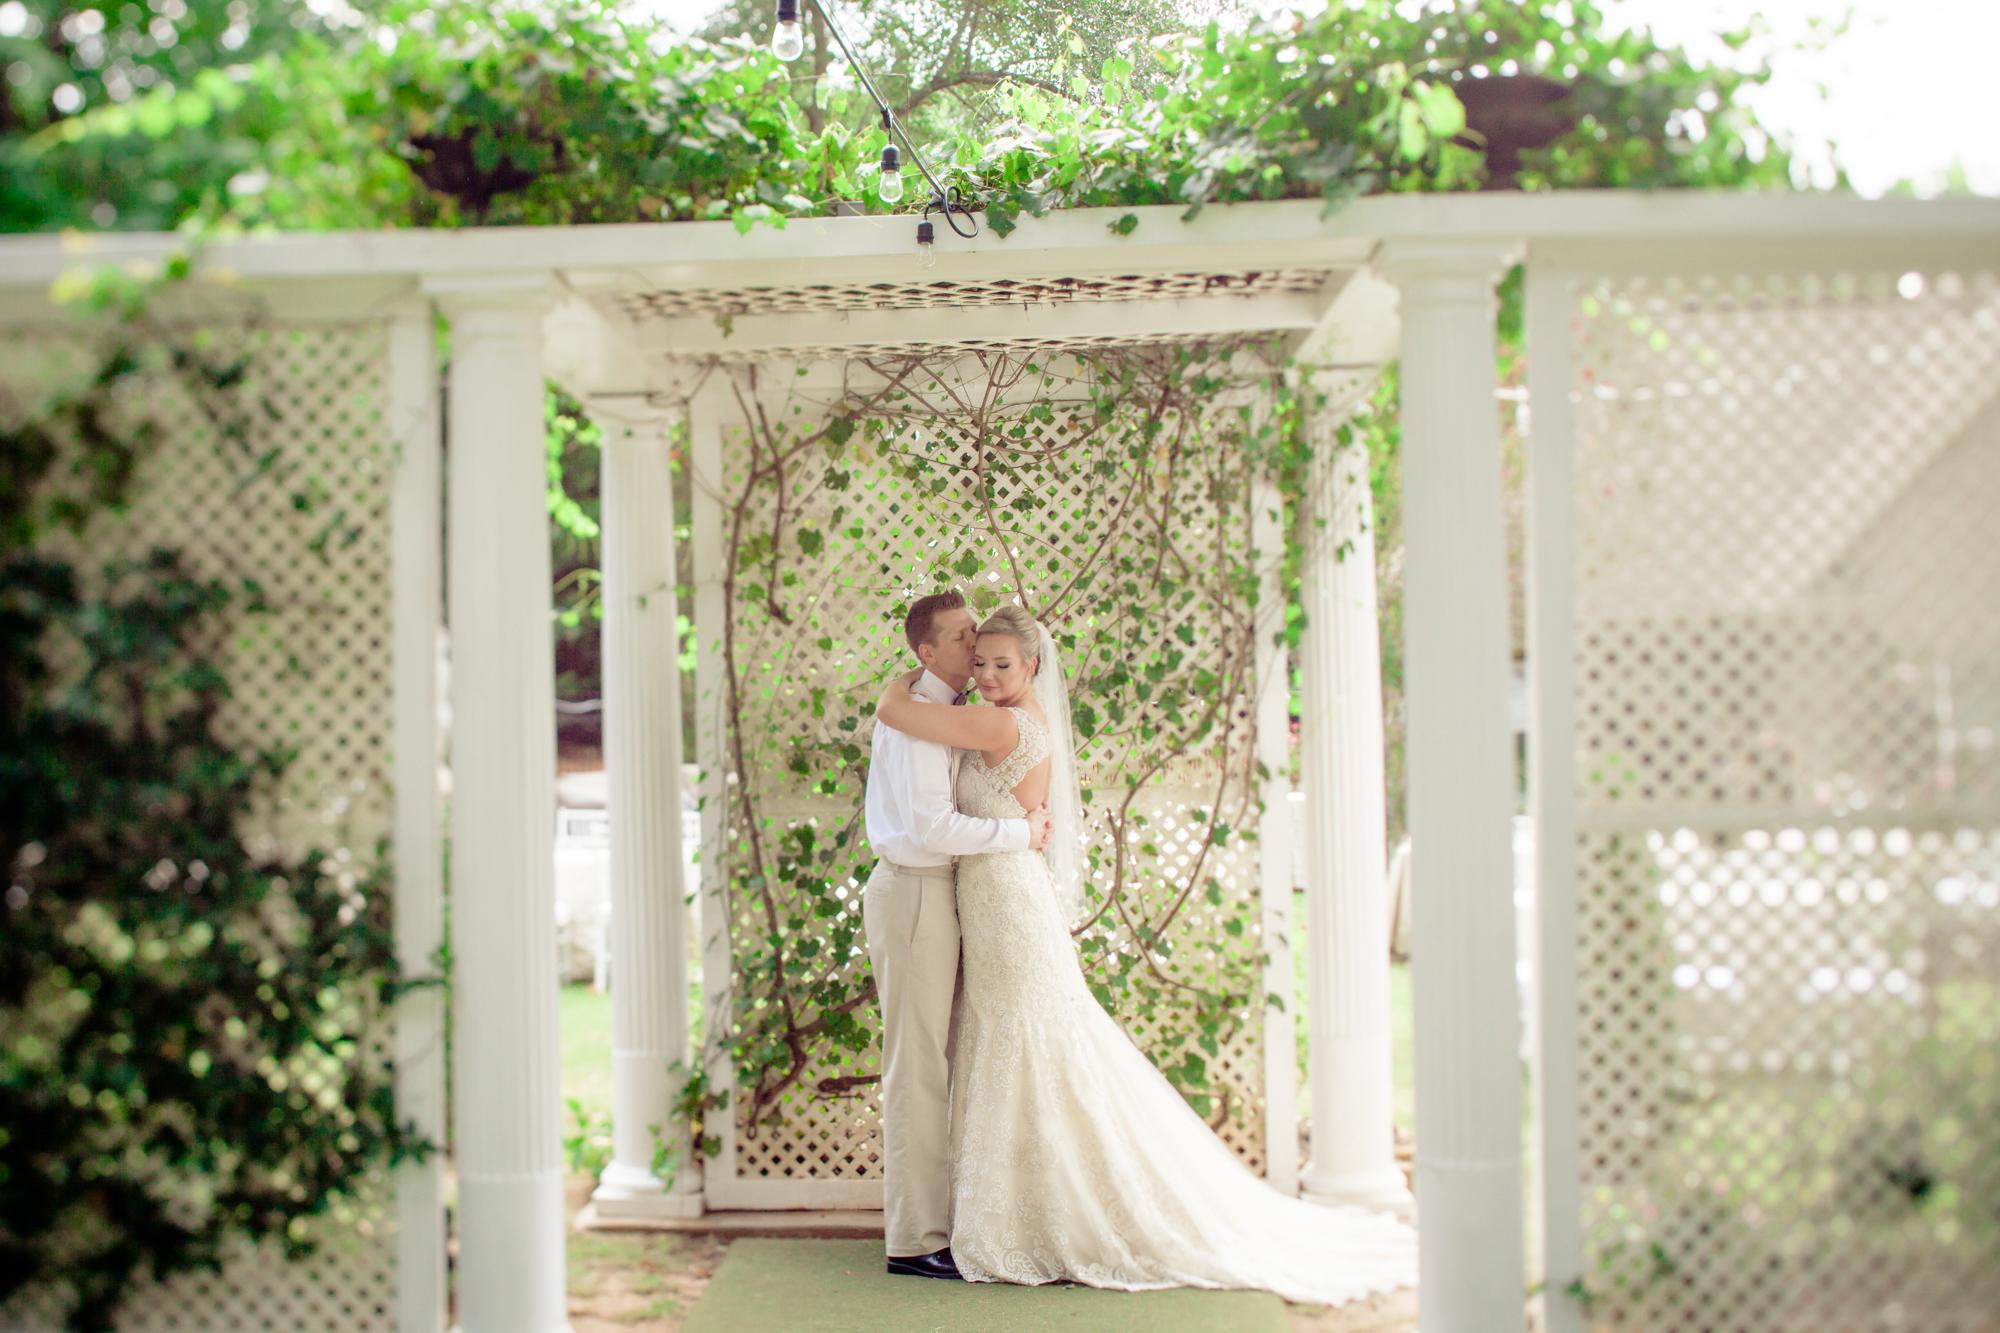 BridesandDolls_Gillette-027.jpg